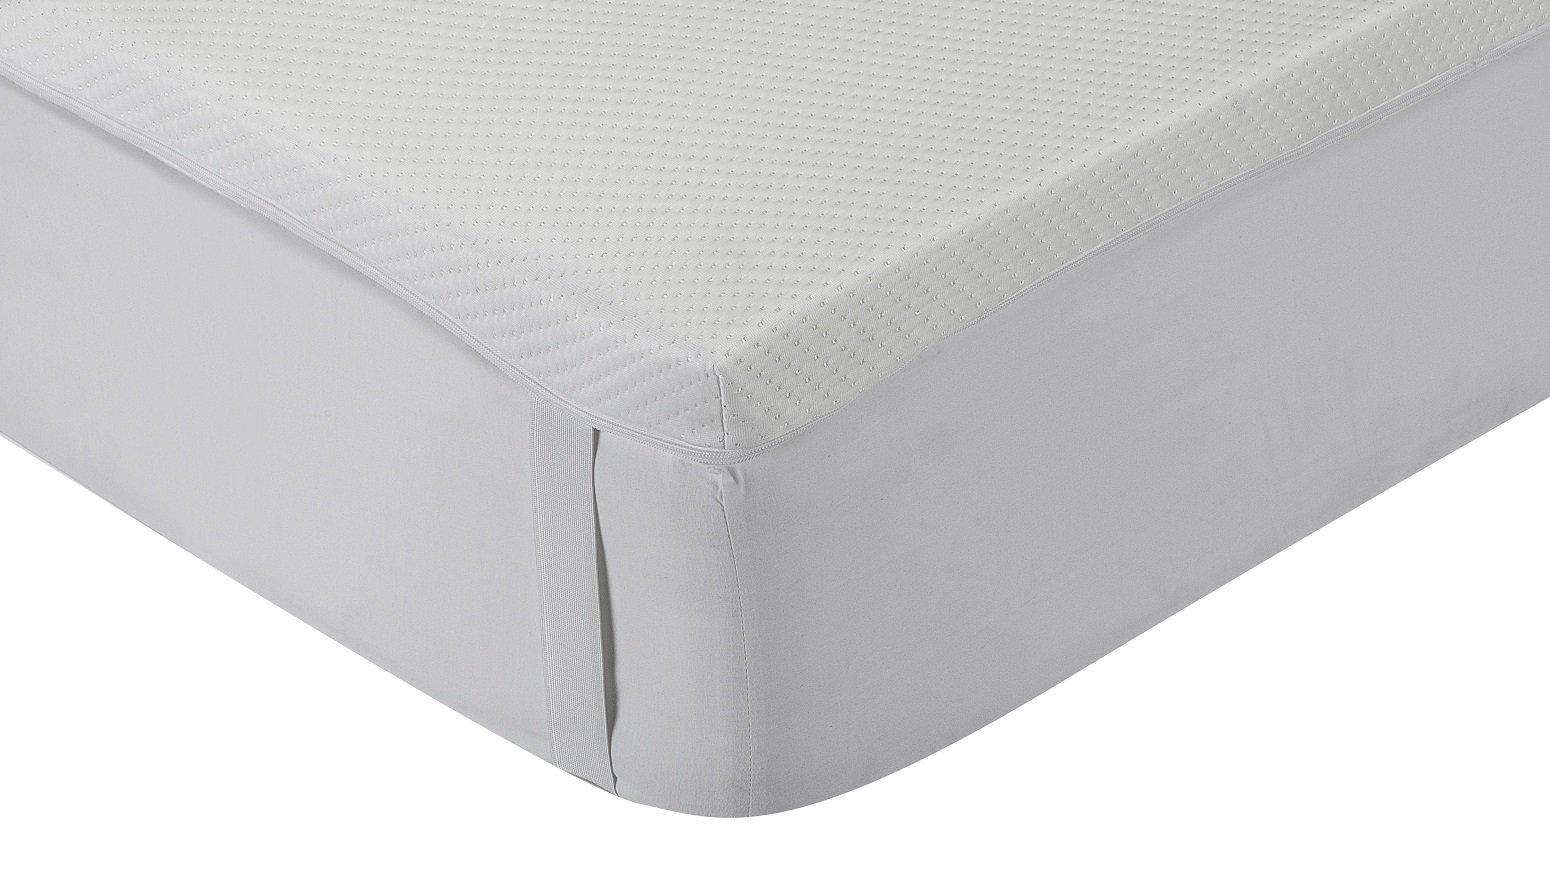 Classic Blanc - Topper, sobrecolchón viscoelástico aloe vera, desenfundable, firmeza media, 180